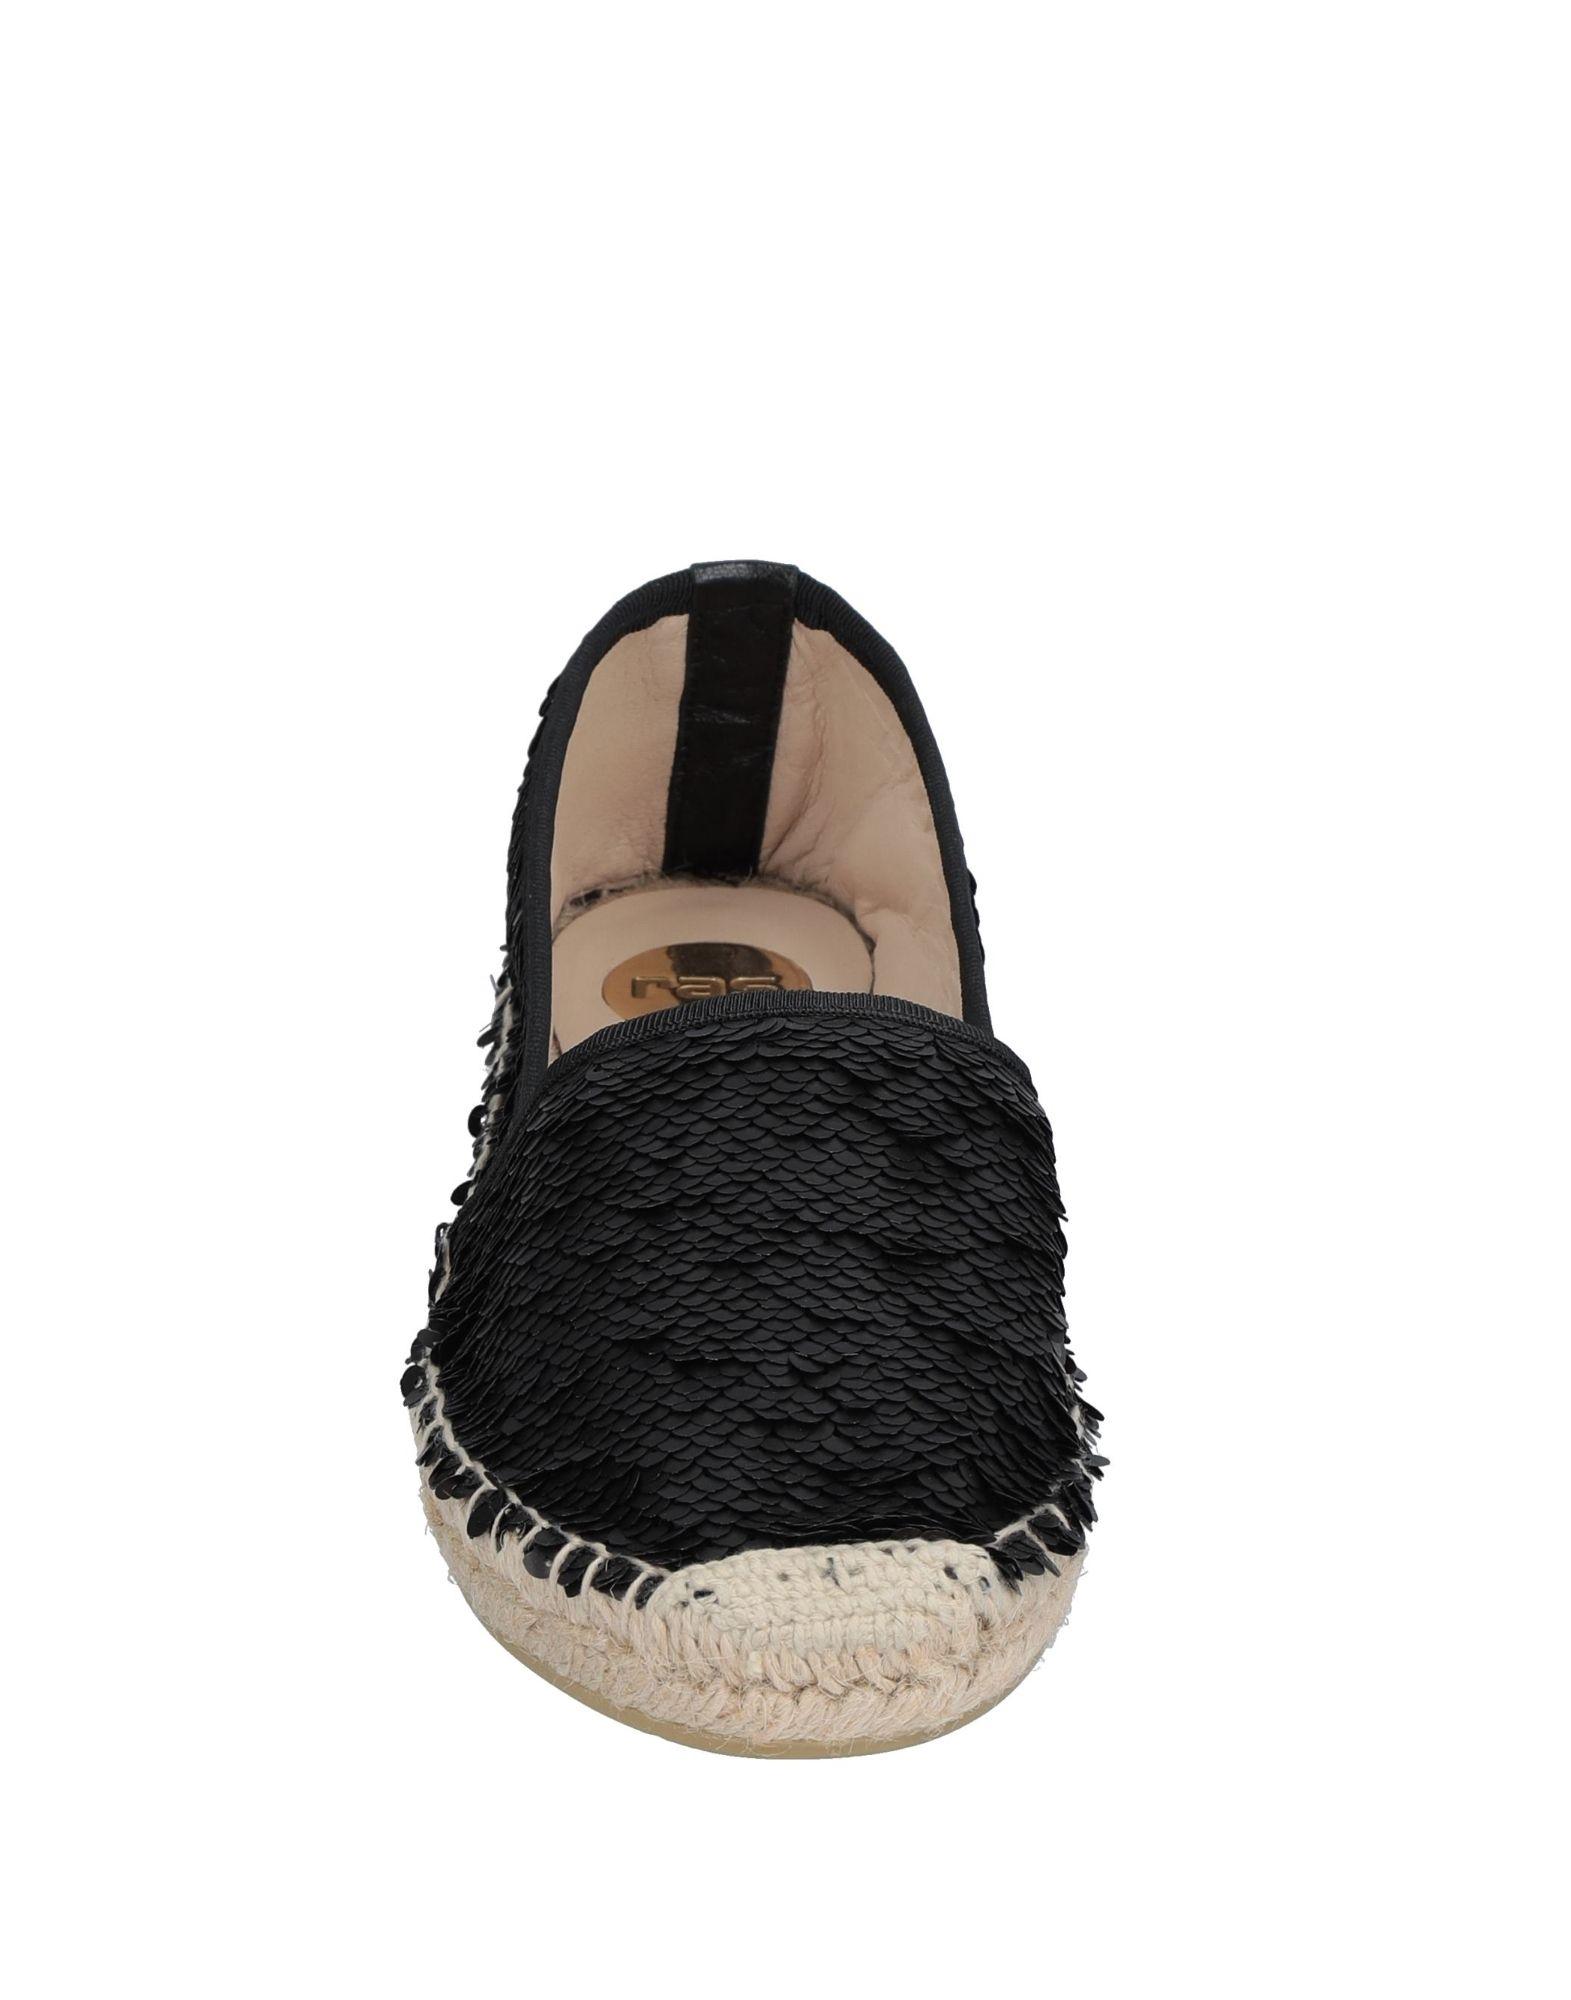 Ras Espadrilles Damen Damen Damen  11147788TU Gute Qualität beliebte Schuhe 7fb9cd